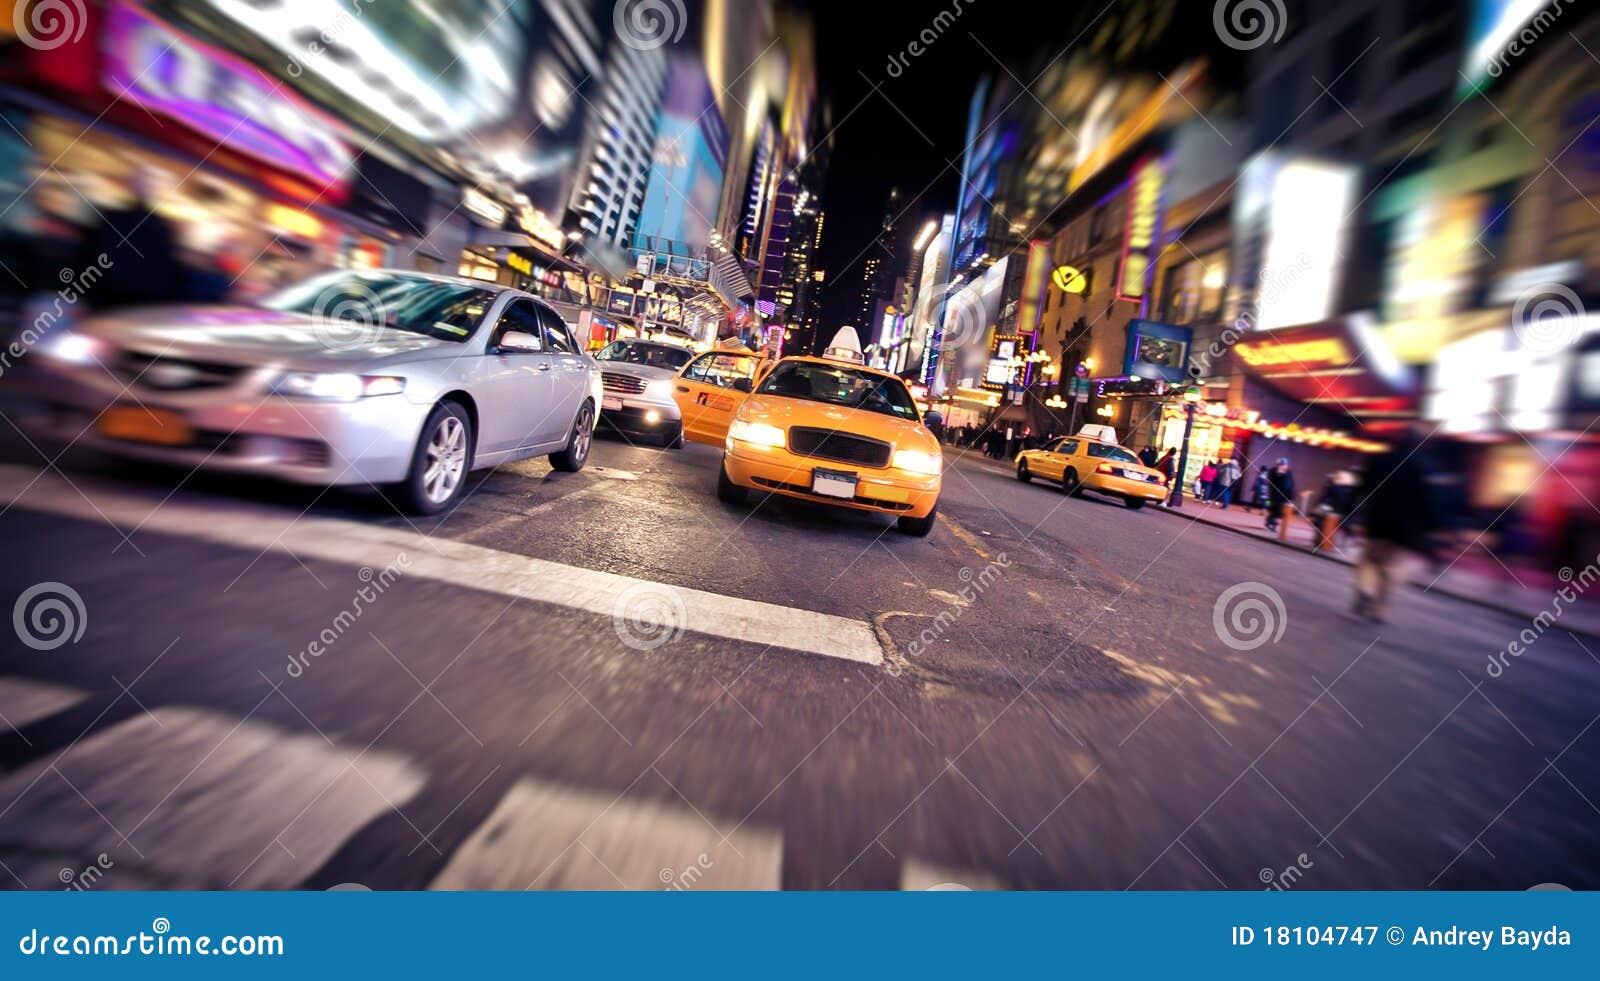 Zamazanego taksówki wizerunku nowy taxi kolor żółty York